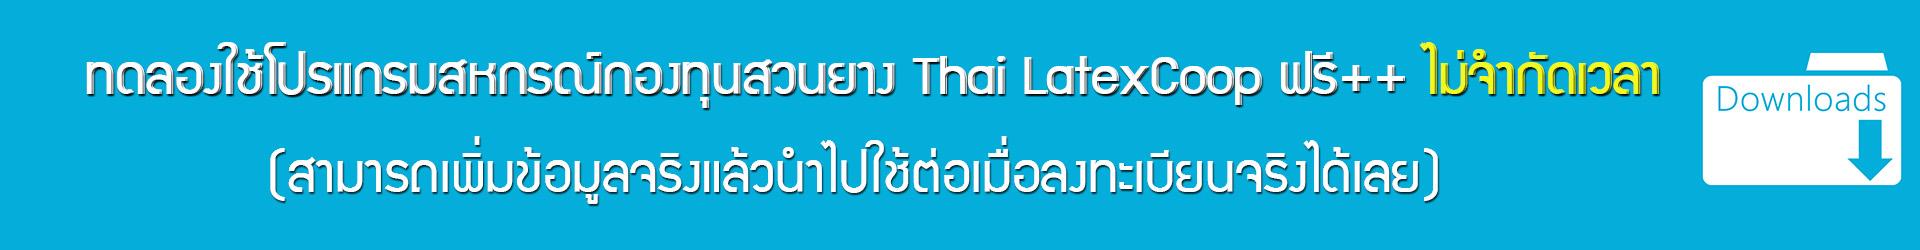 ดาวโหลดโปรแกรมสหกรณ์รับซื้อน้ำยาง thailatexcoop